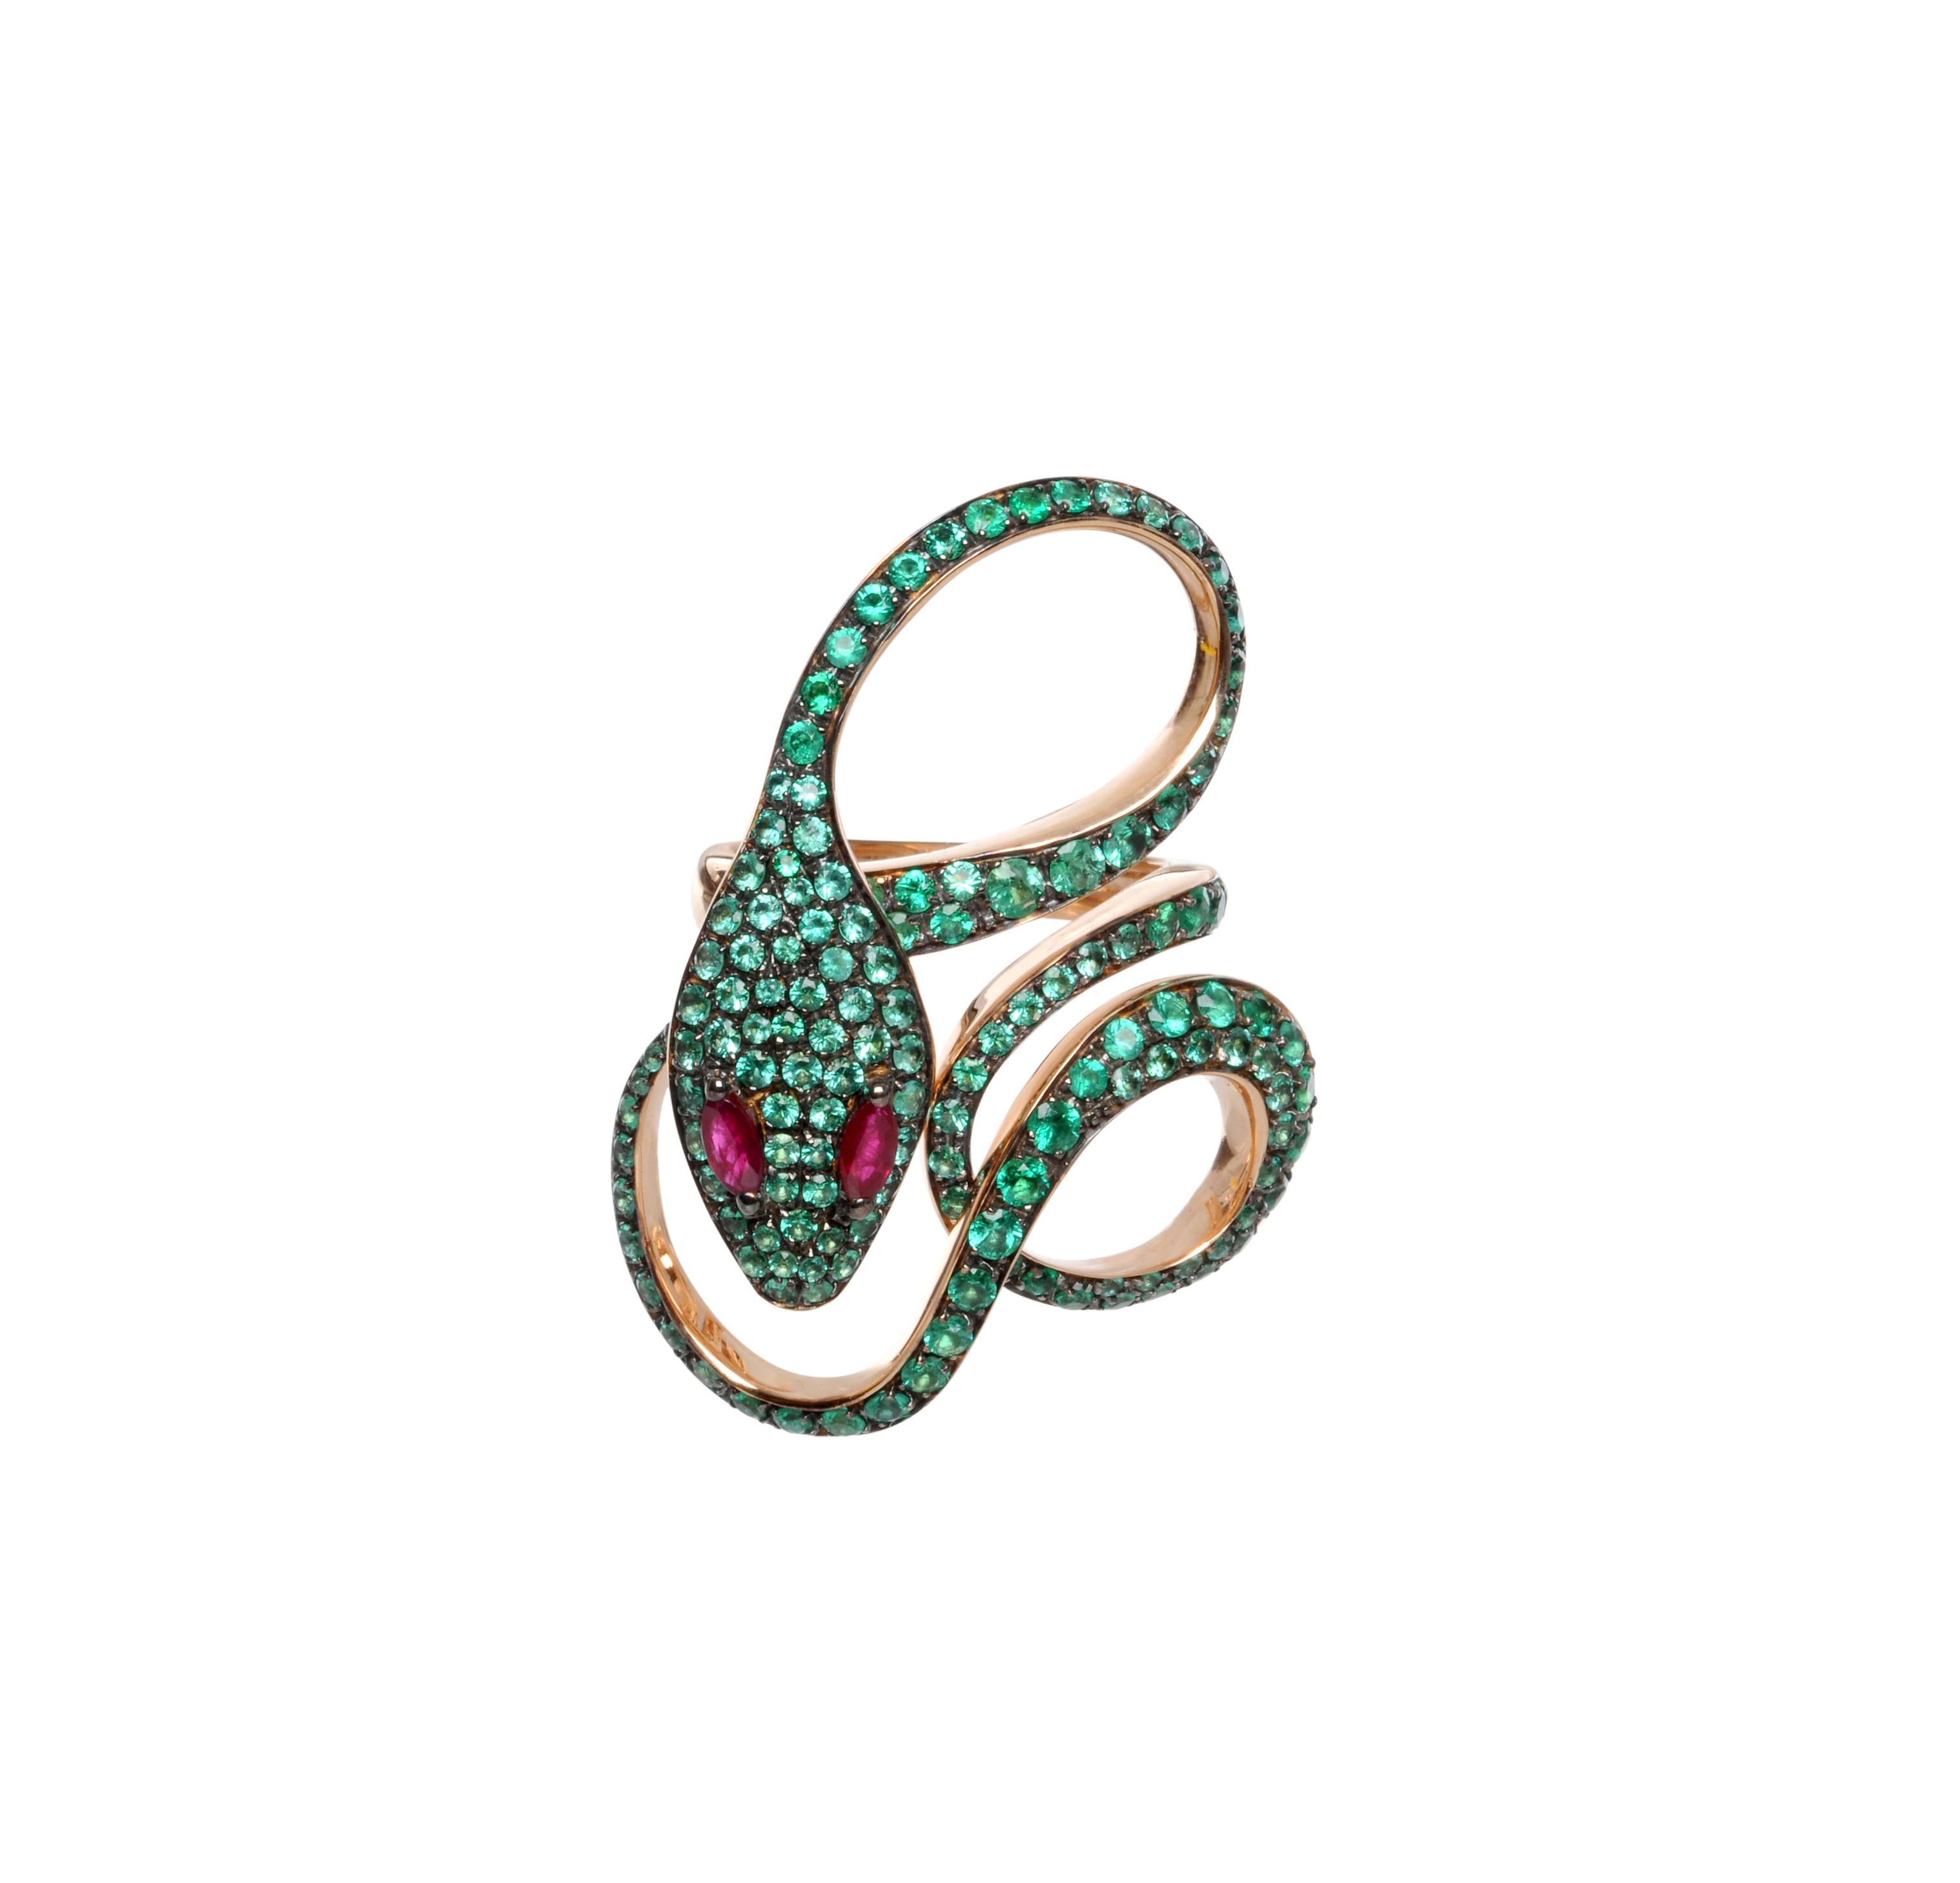 Anelloin oro rosa, smeraldi e rubini